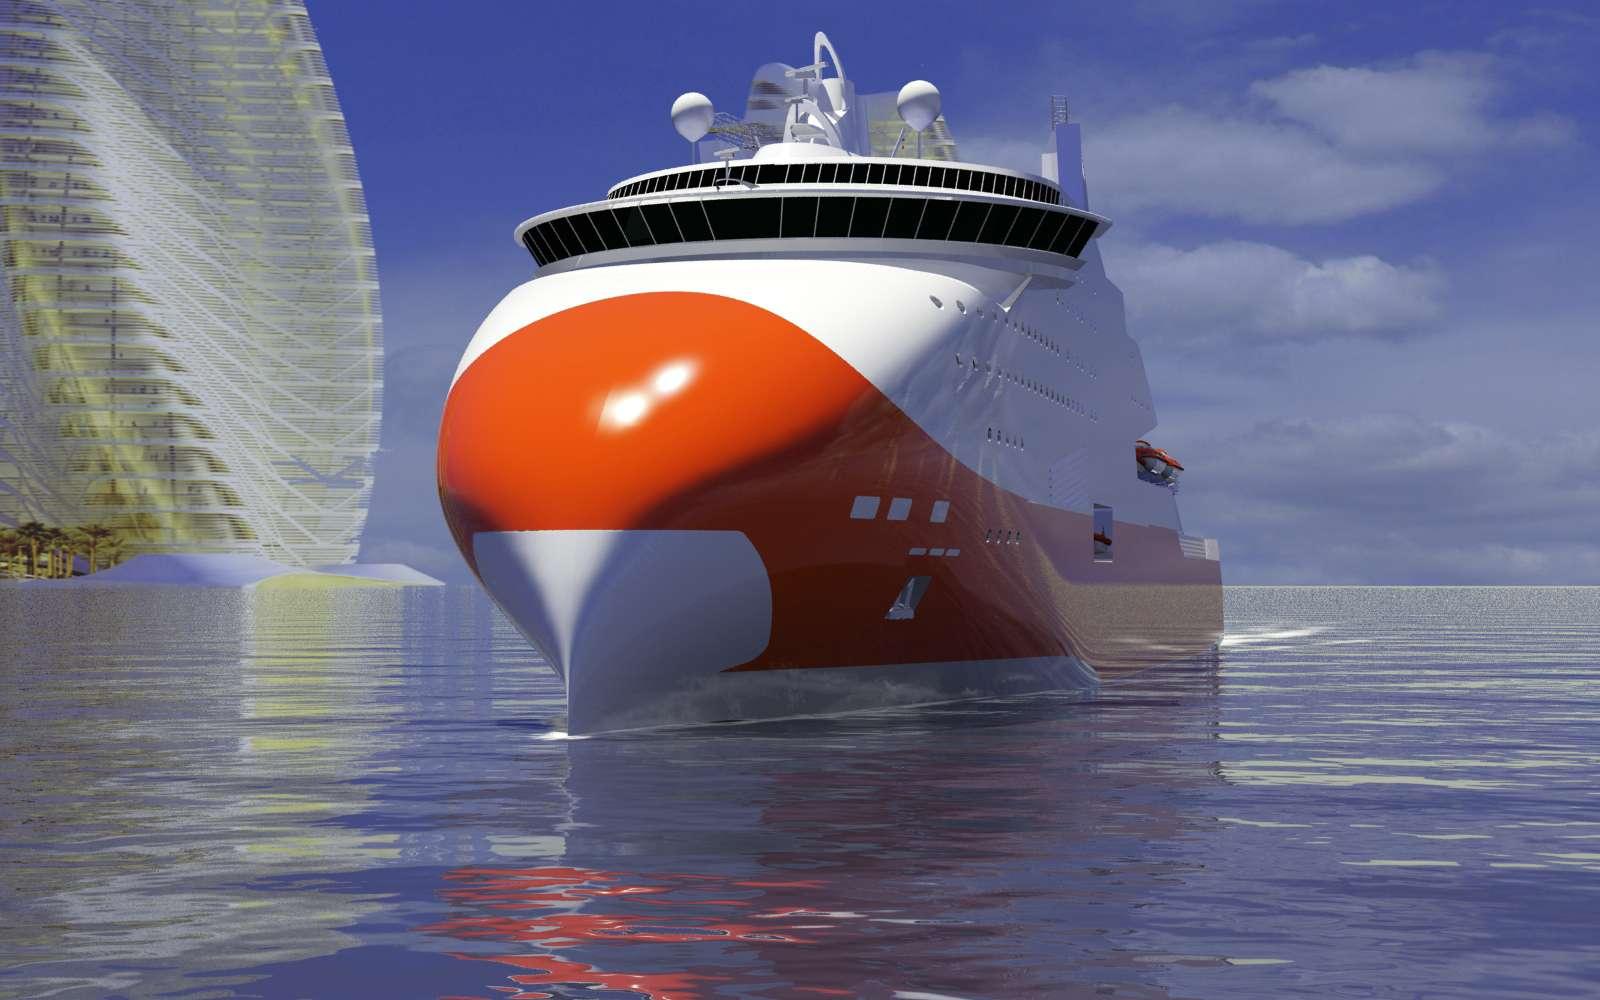 Le projet de ferry au GNL réalisé par STX France pour Brittany Ferries a été abandonné mais l'idée de grands navires propulsés grâce au gaz naturel perdure. © STX